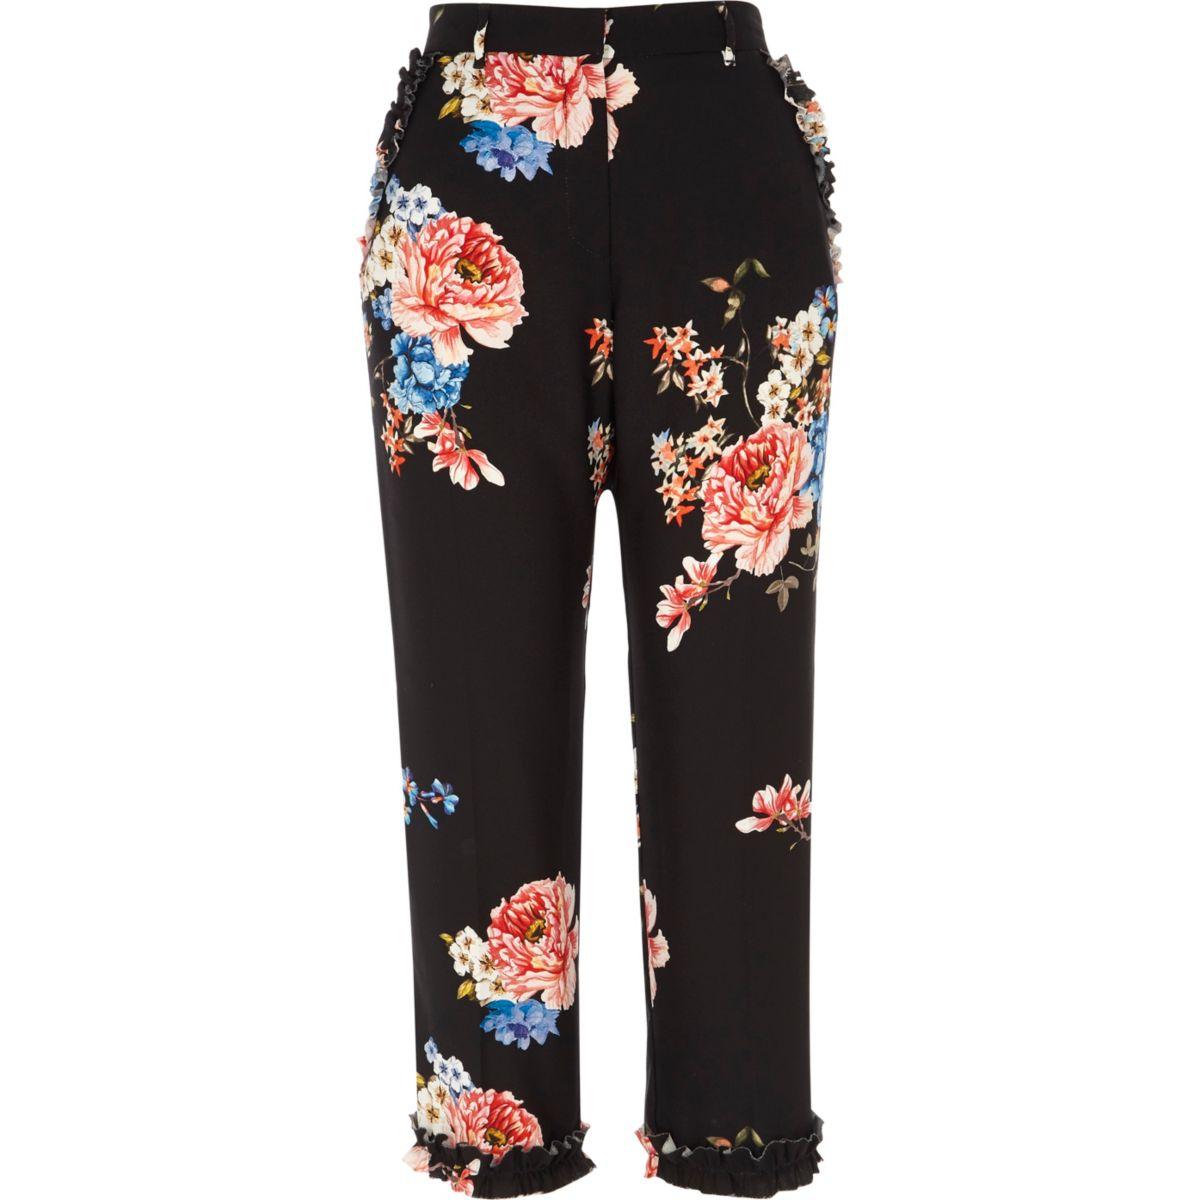 Schwarze, kurz geschnittene Hose mit Blumenmuster und Rüschen